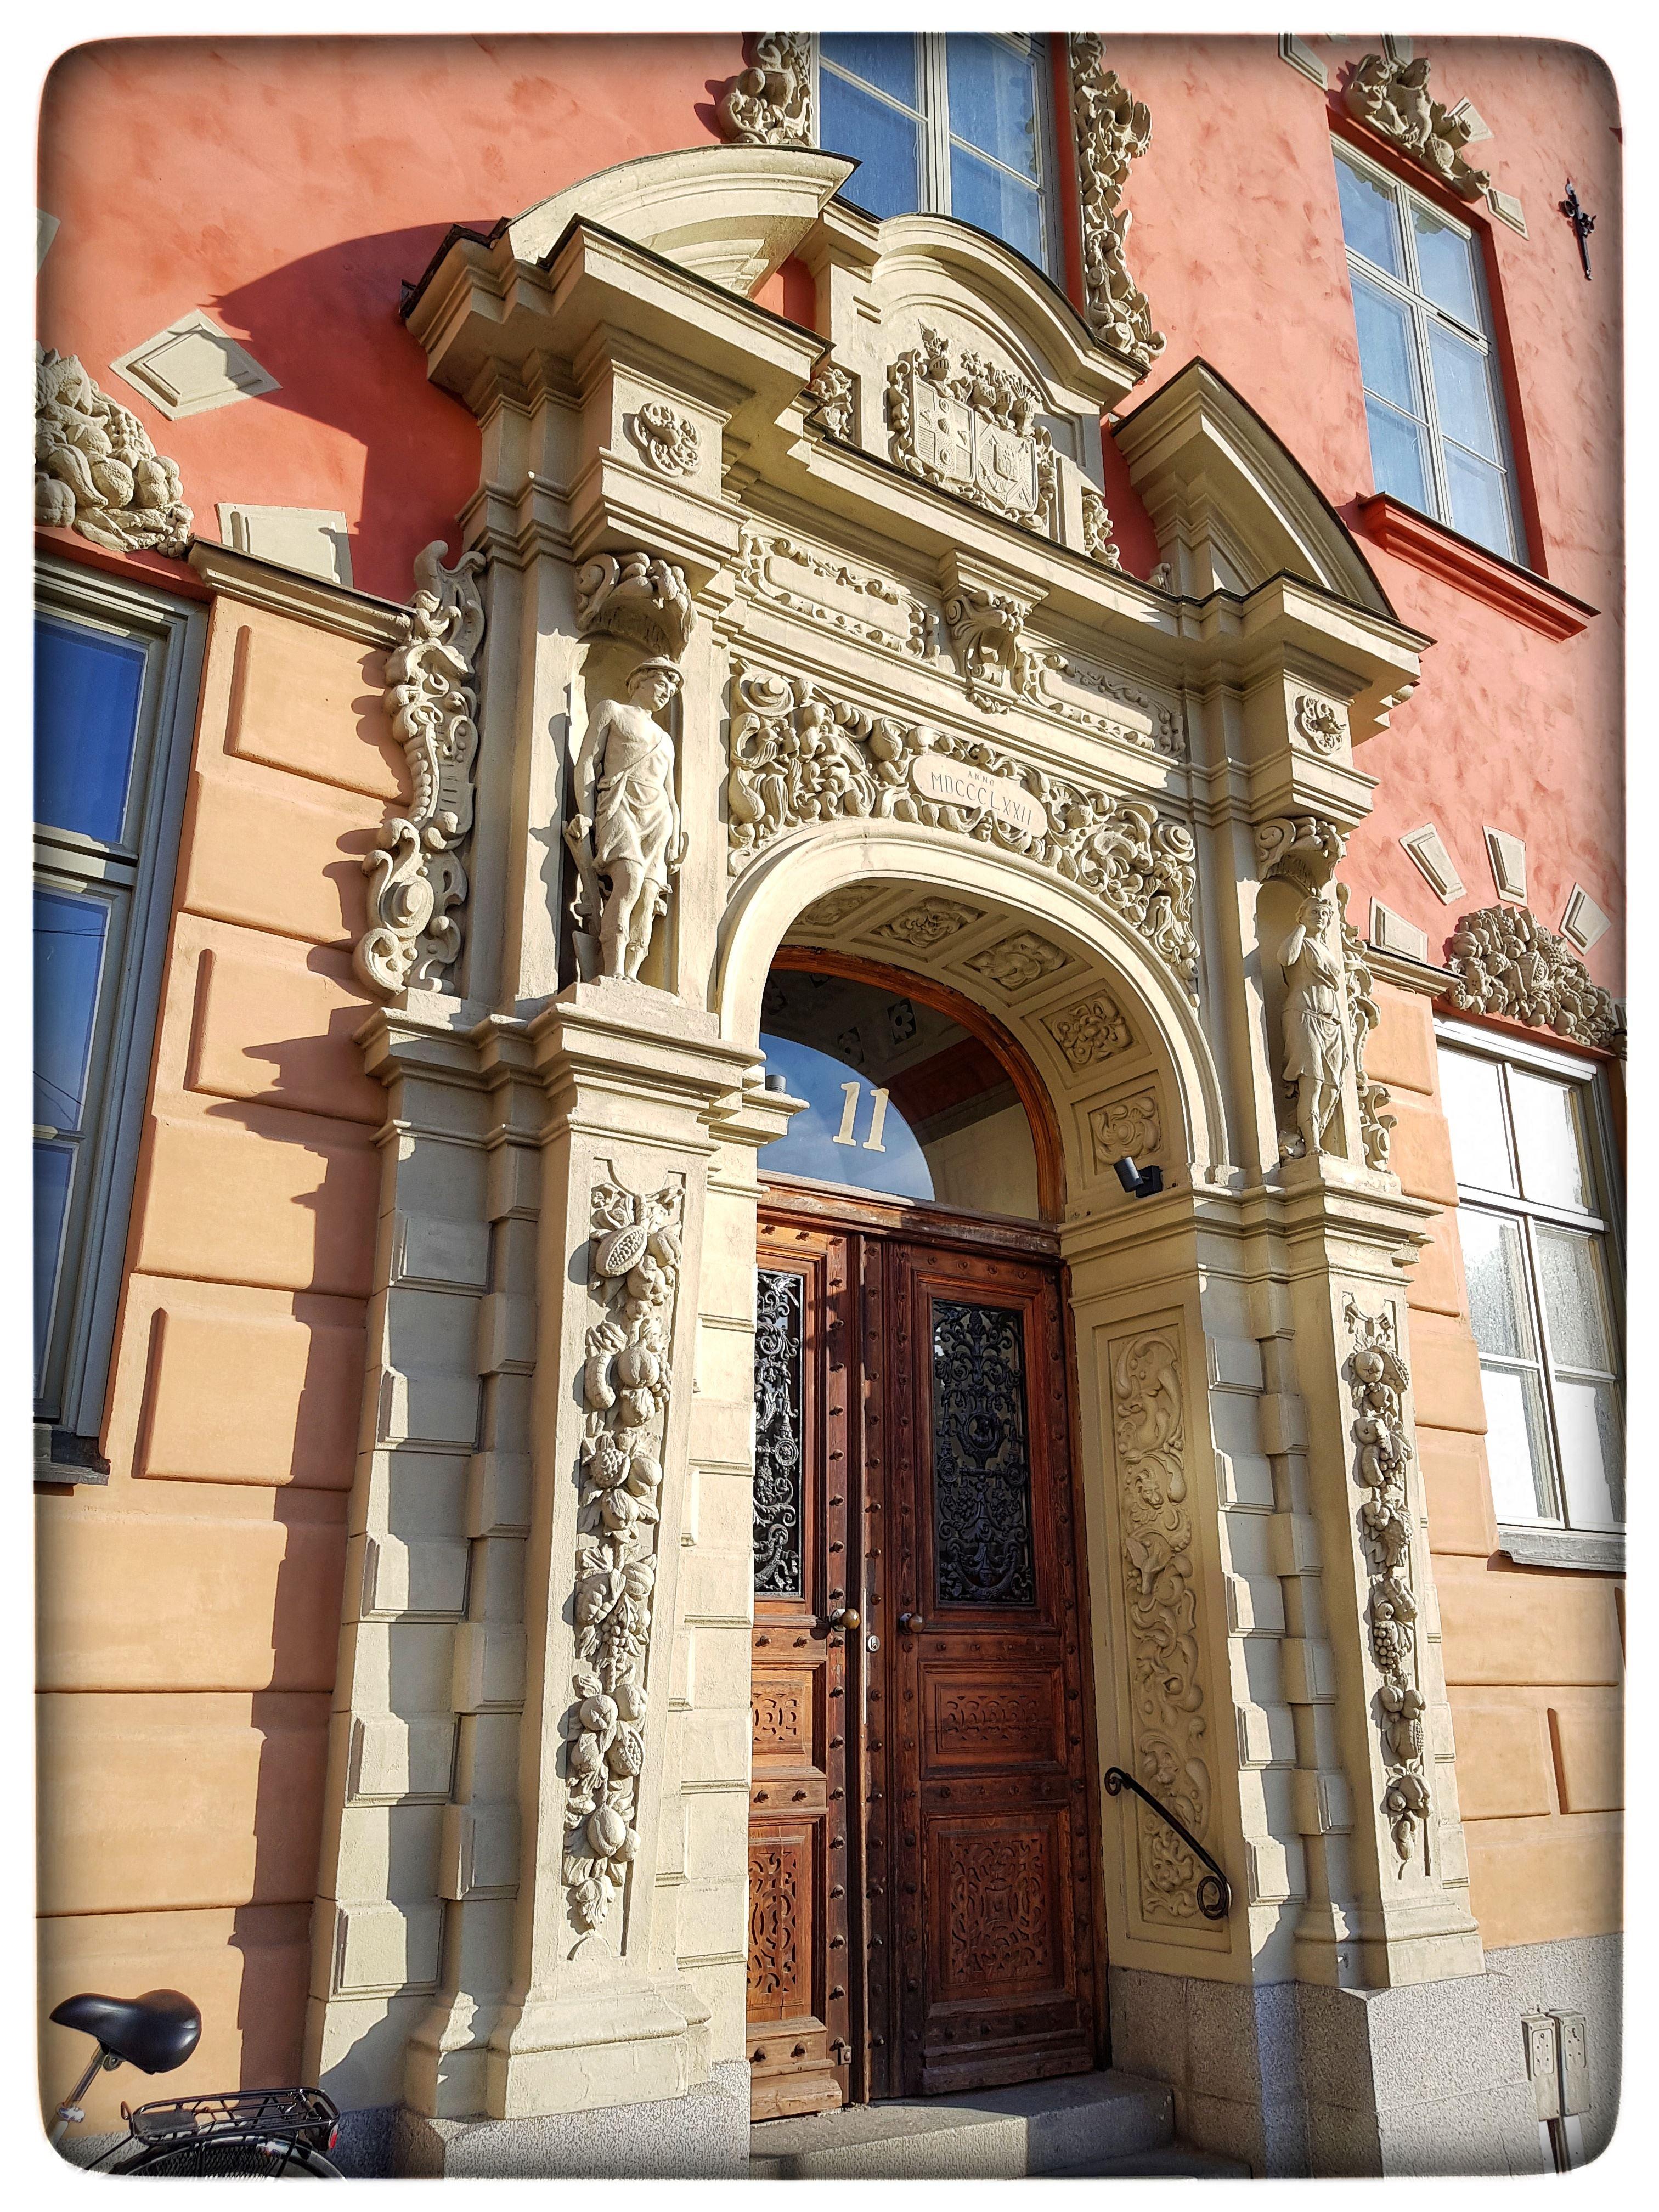 Dörrar, dekorationer och dygder